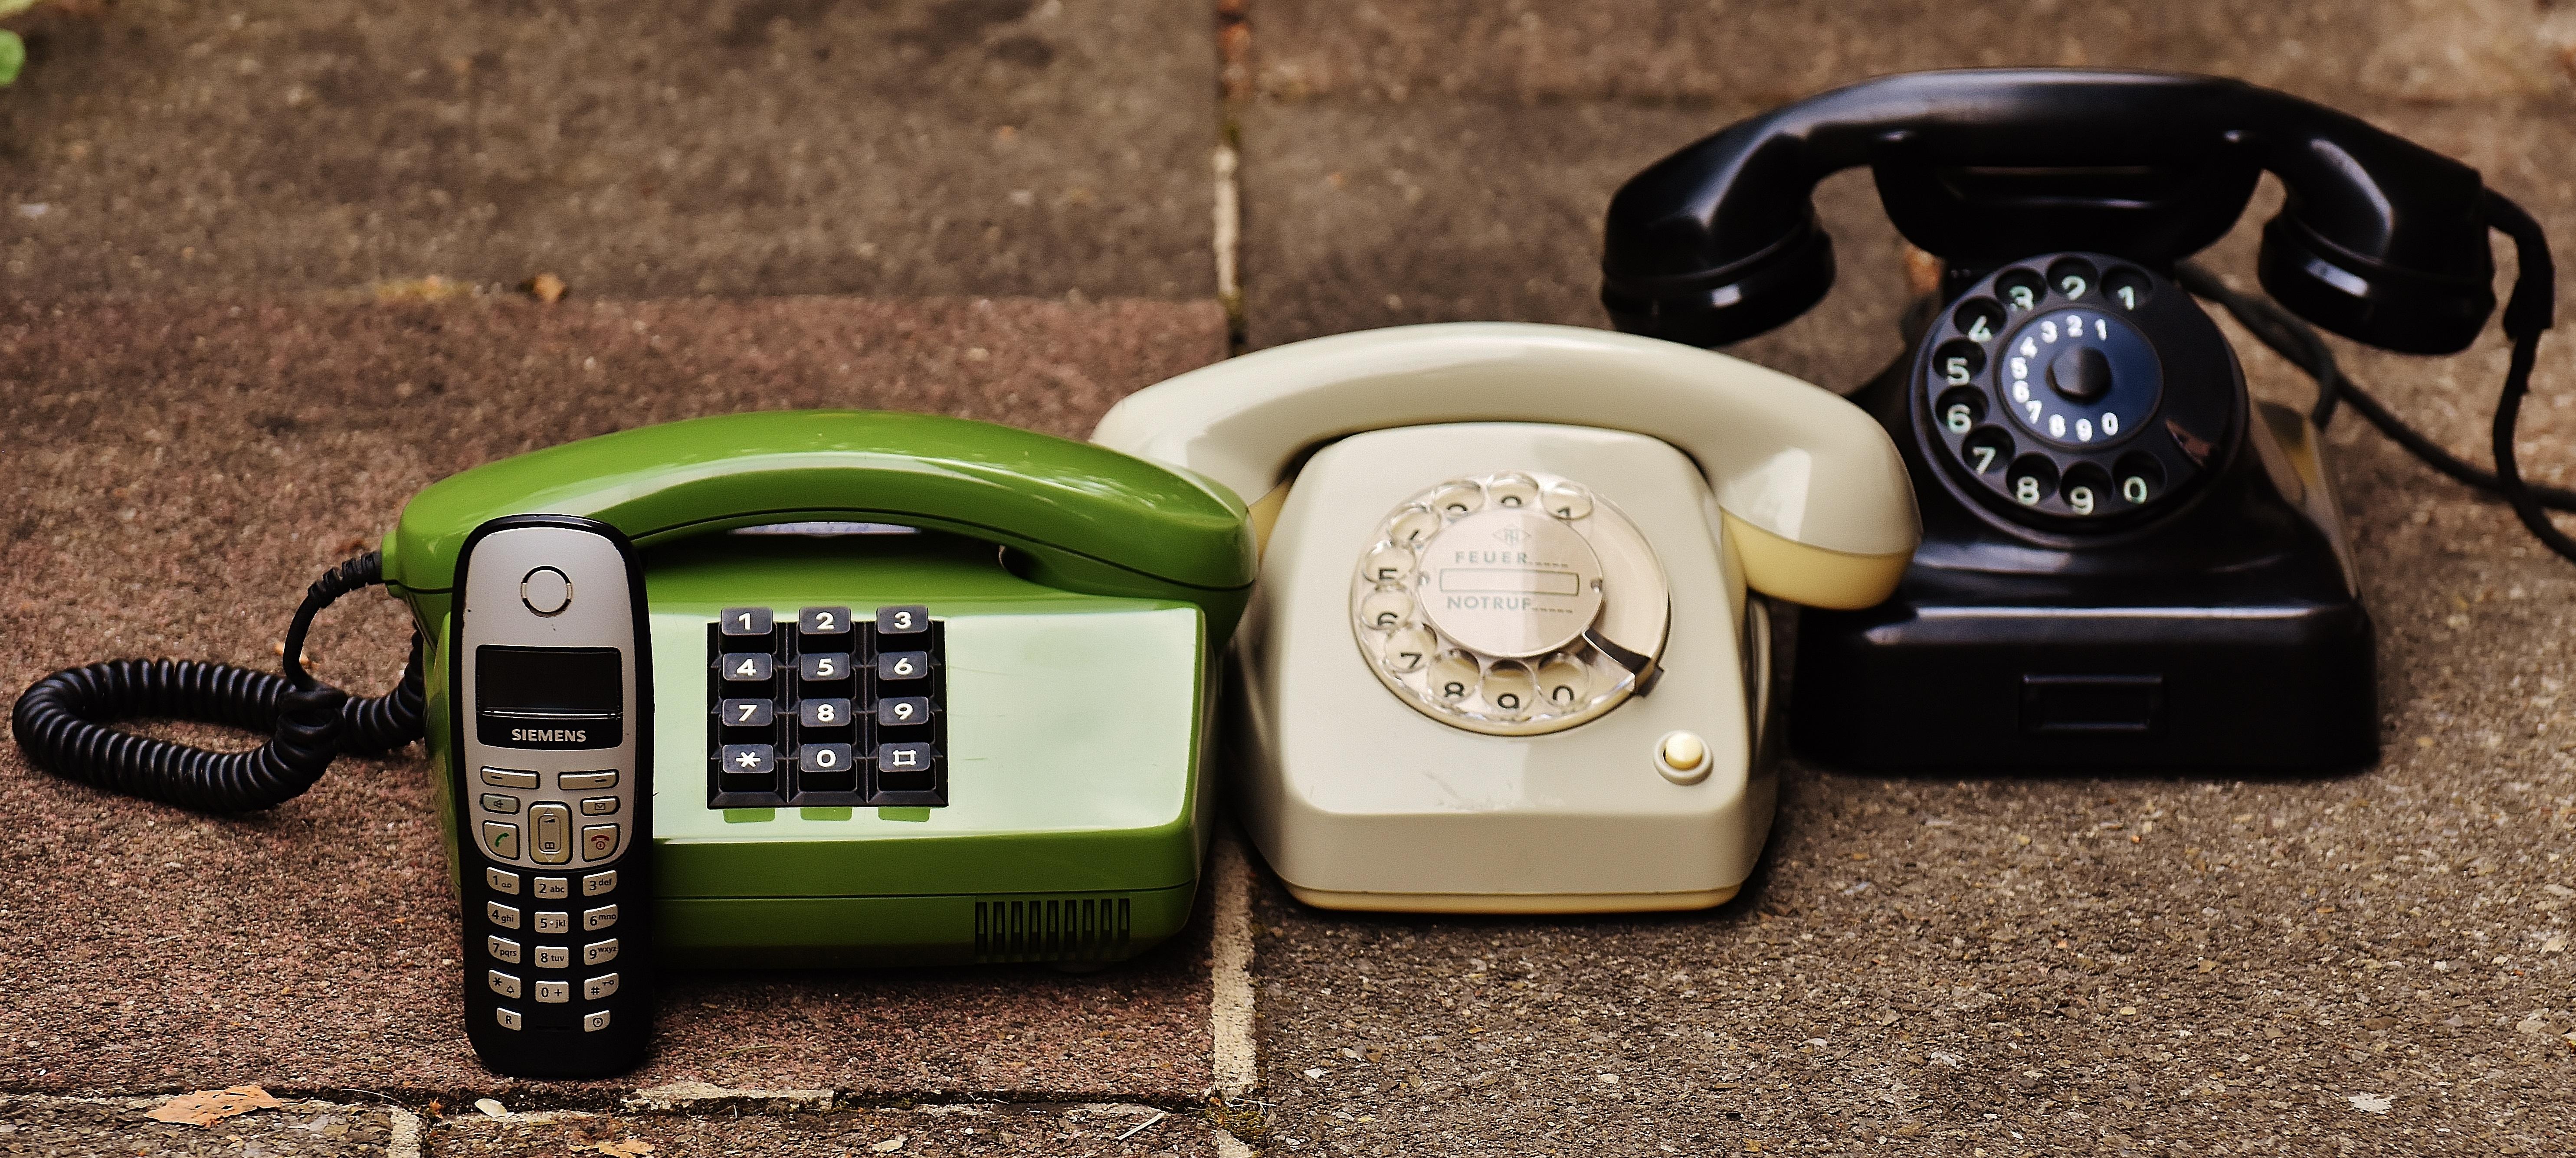 old school phones